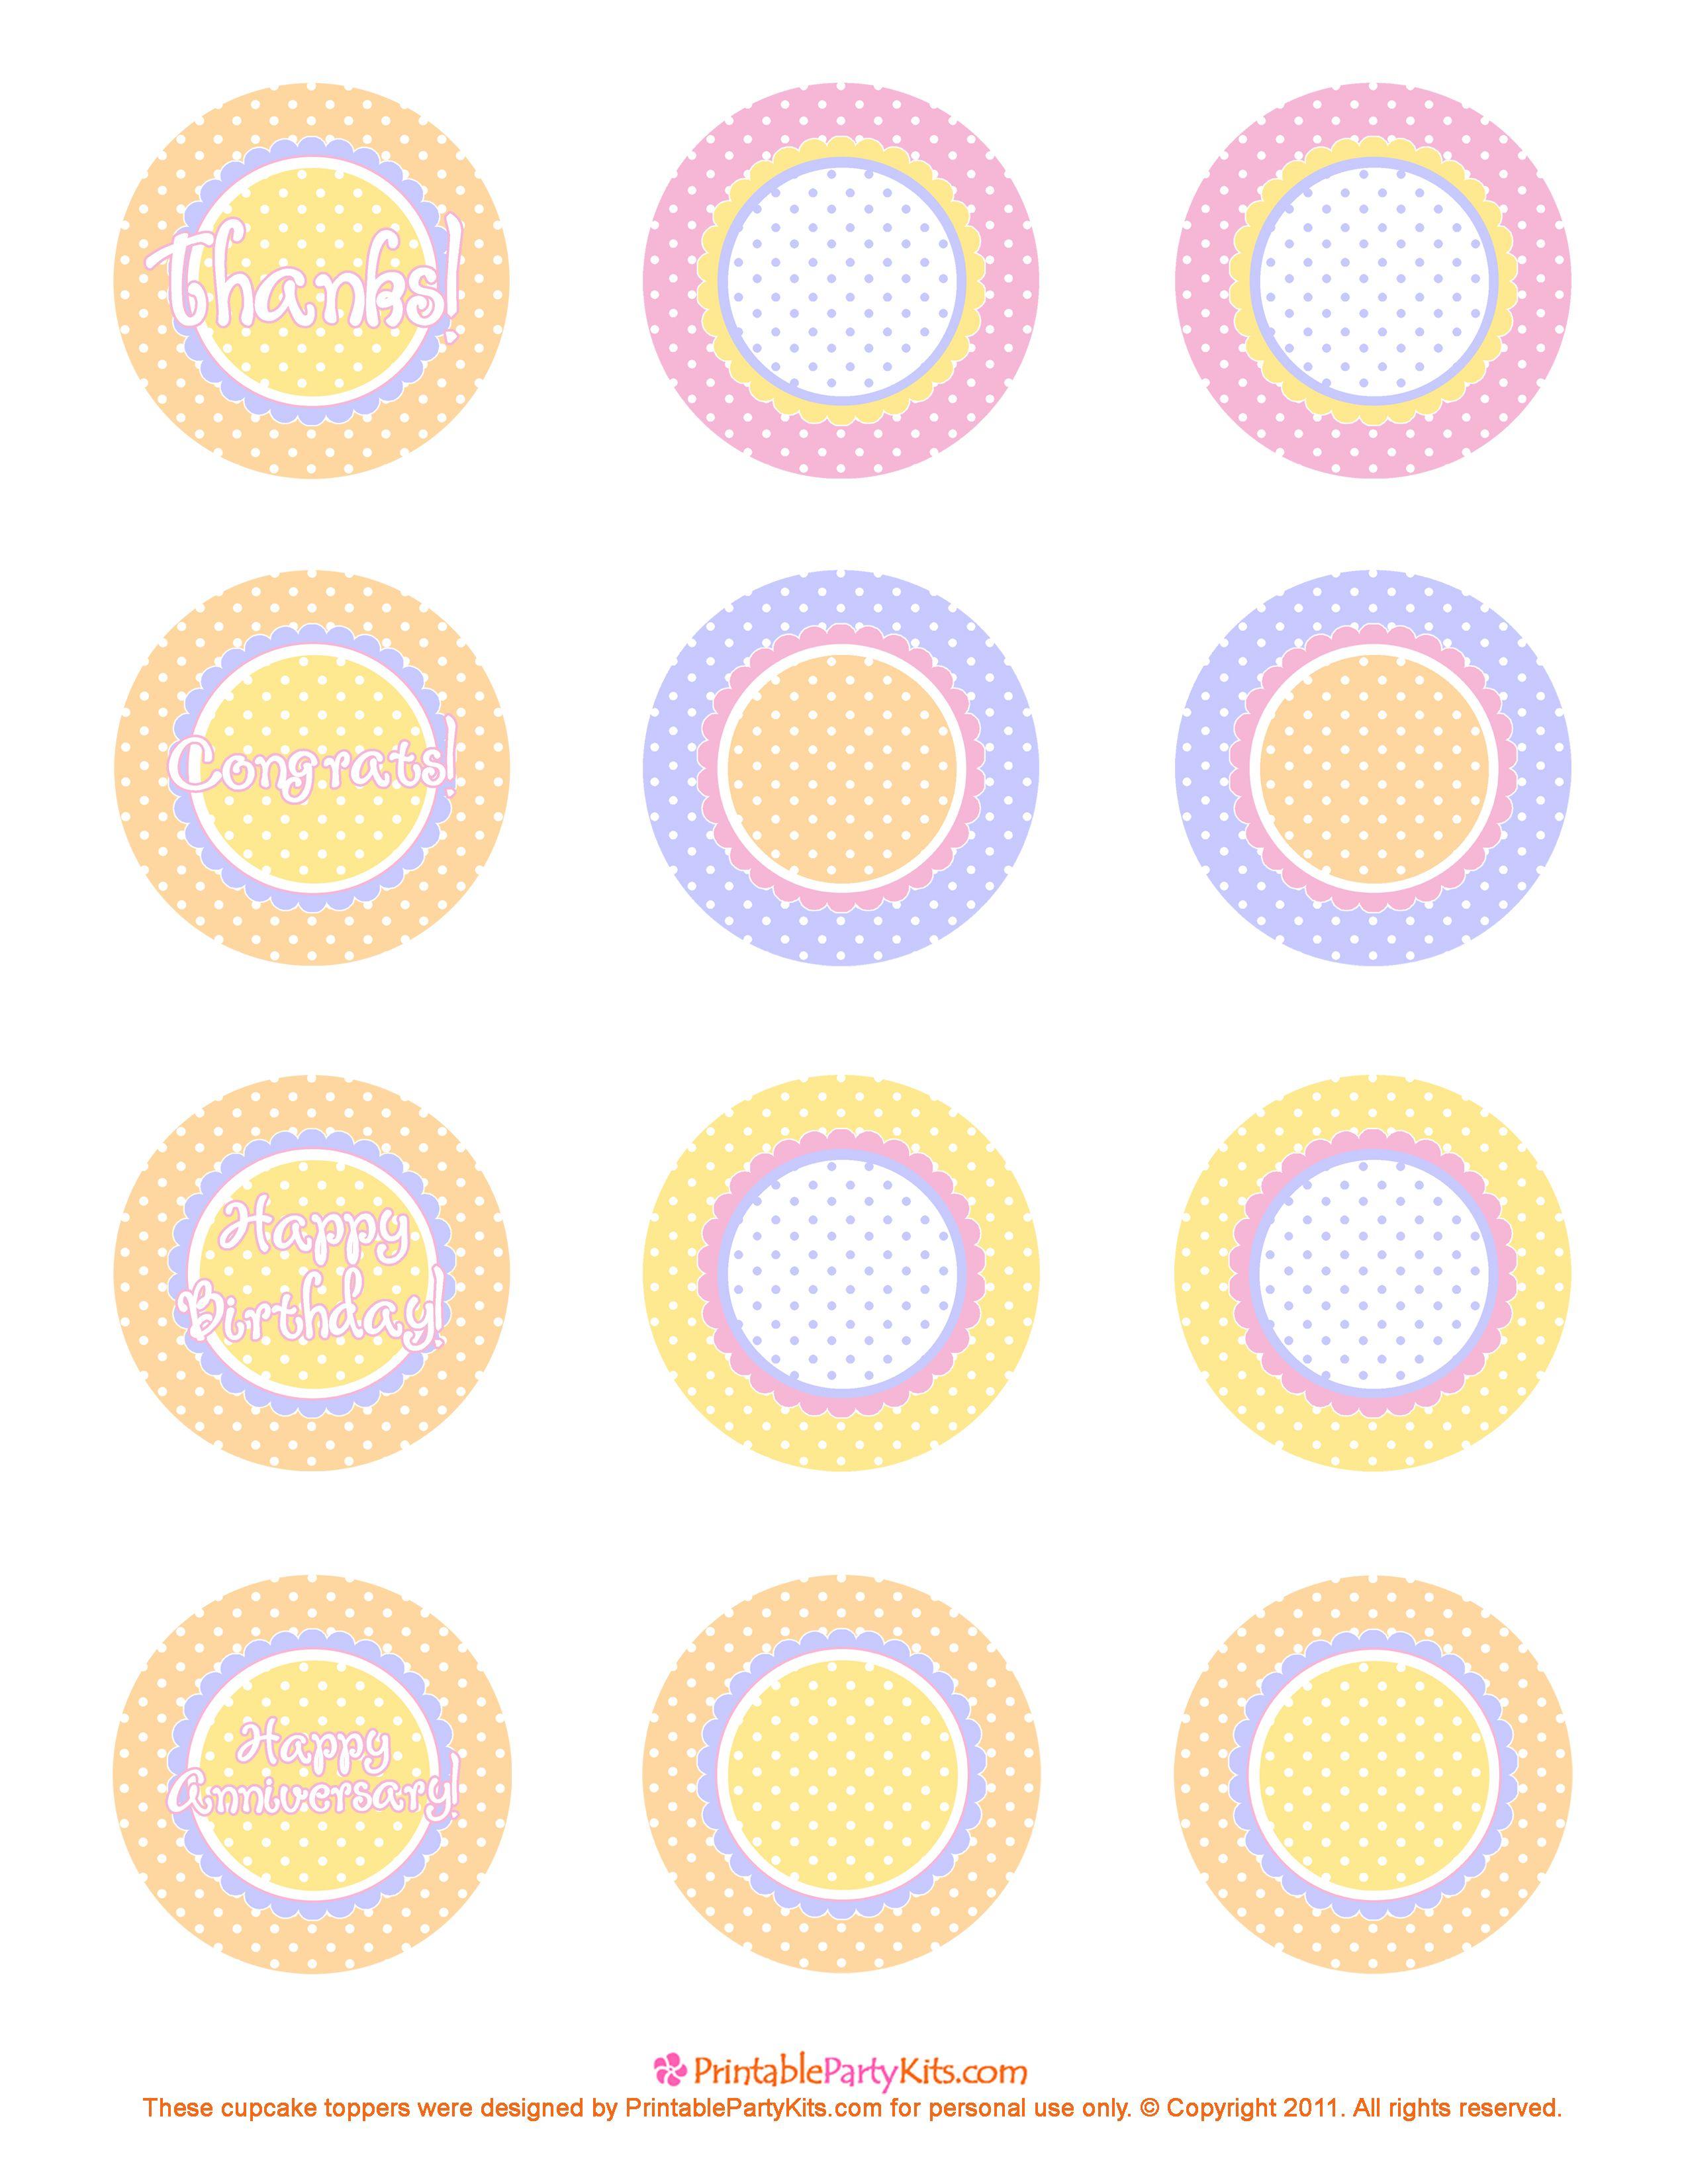 Free Printable Cupcake Toppers | Printable Labels And Tags - Free Printable Whale Cupcake Toppers